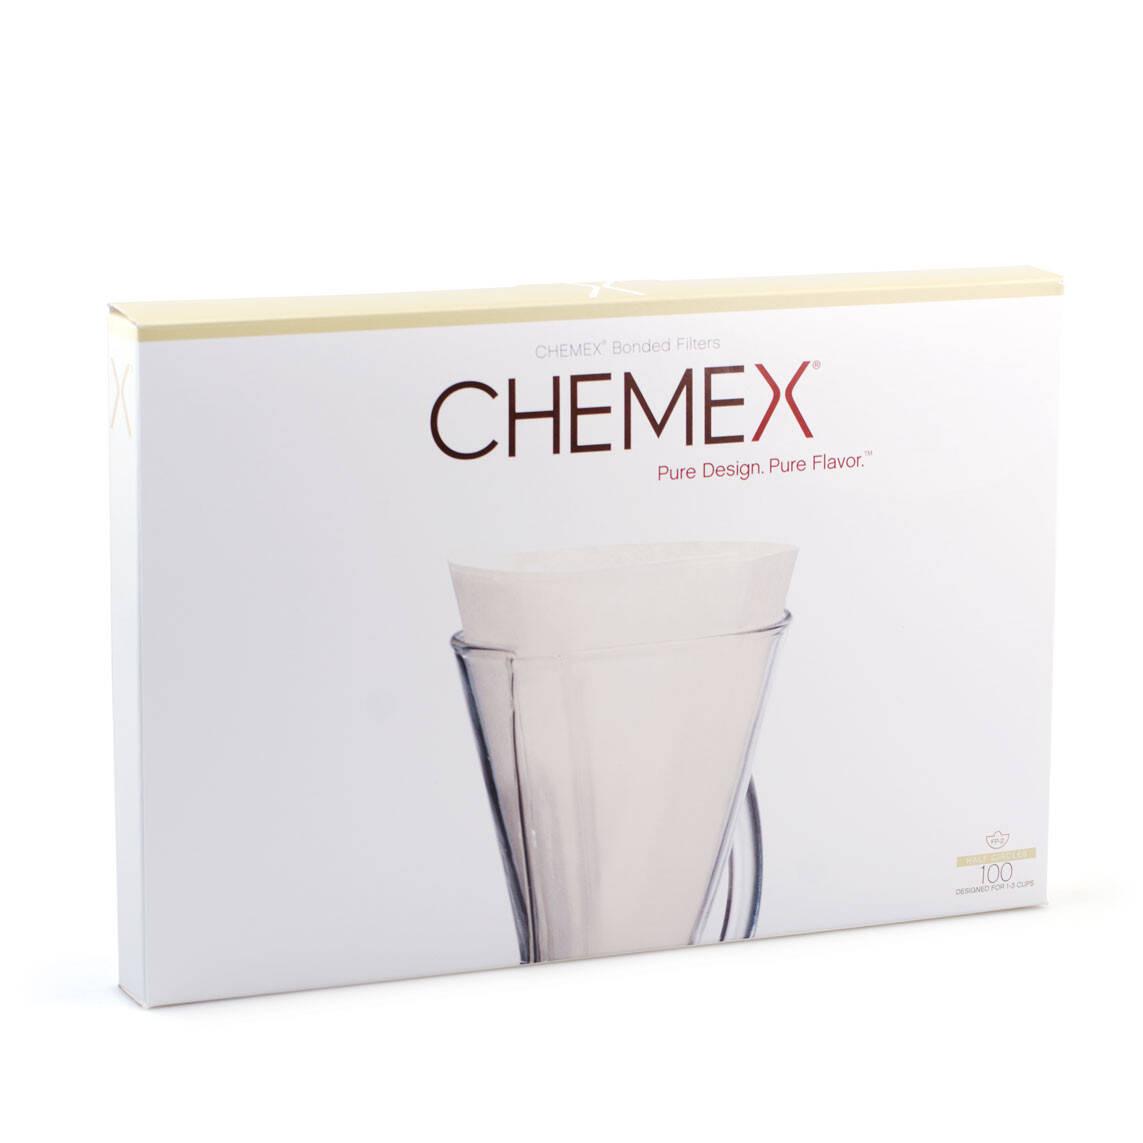 Chemex 3 kops Koffiefilters